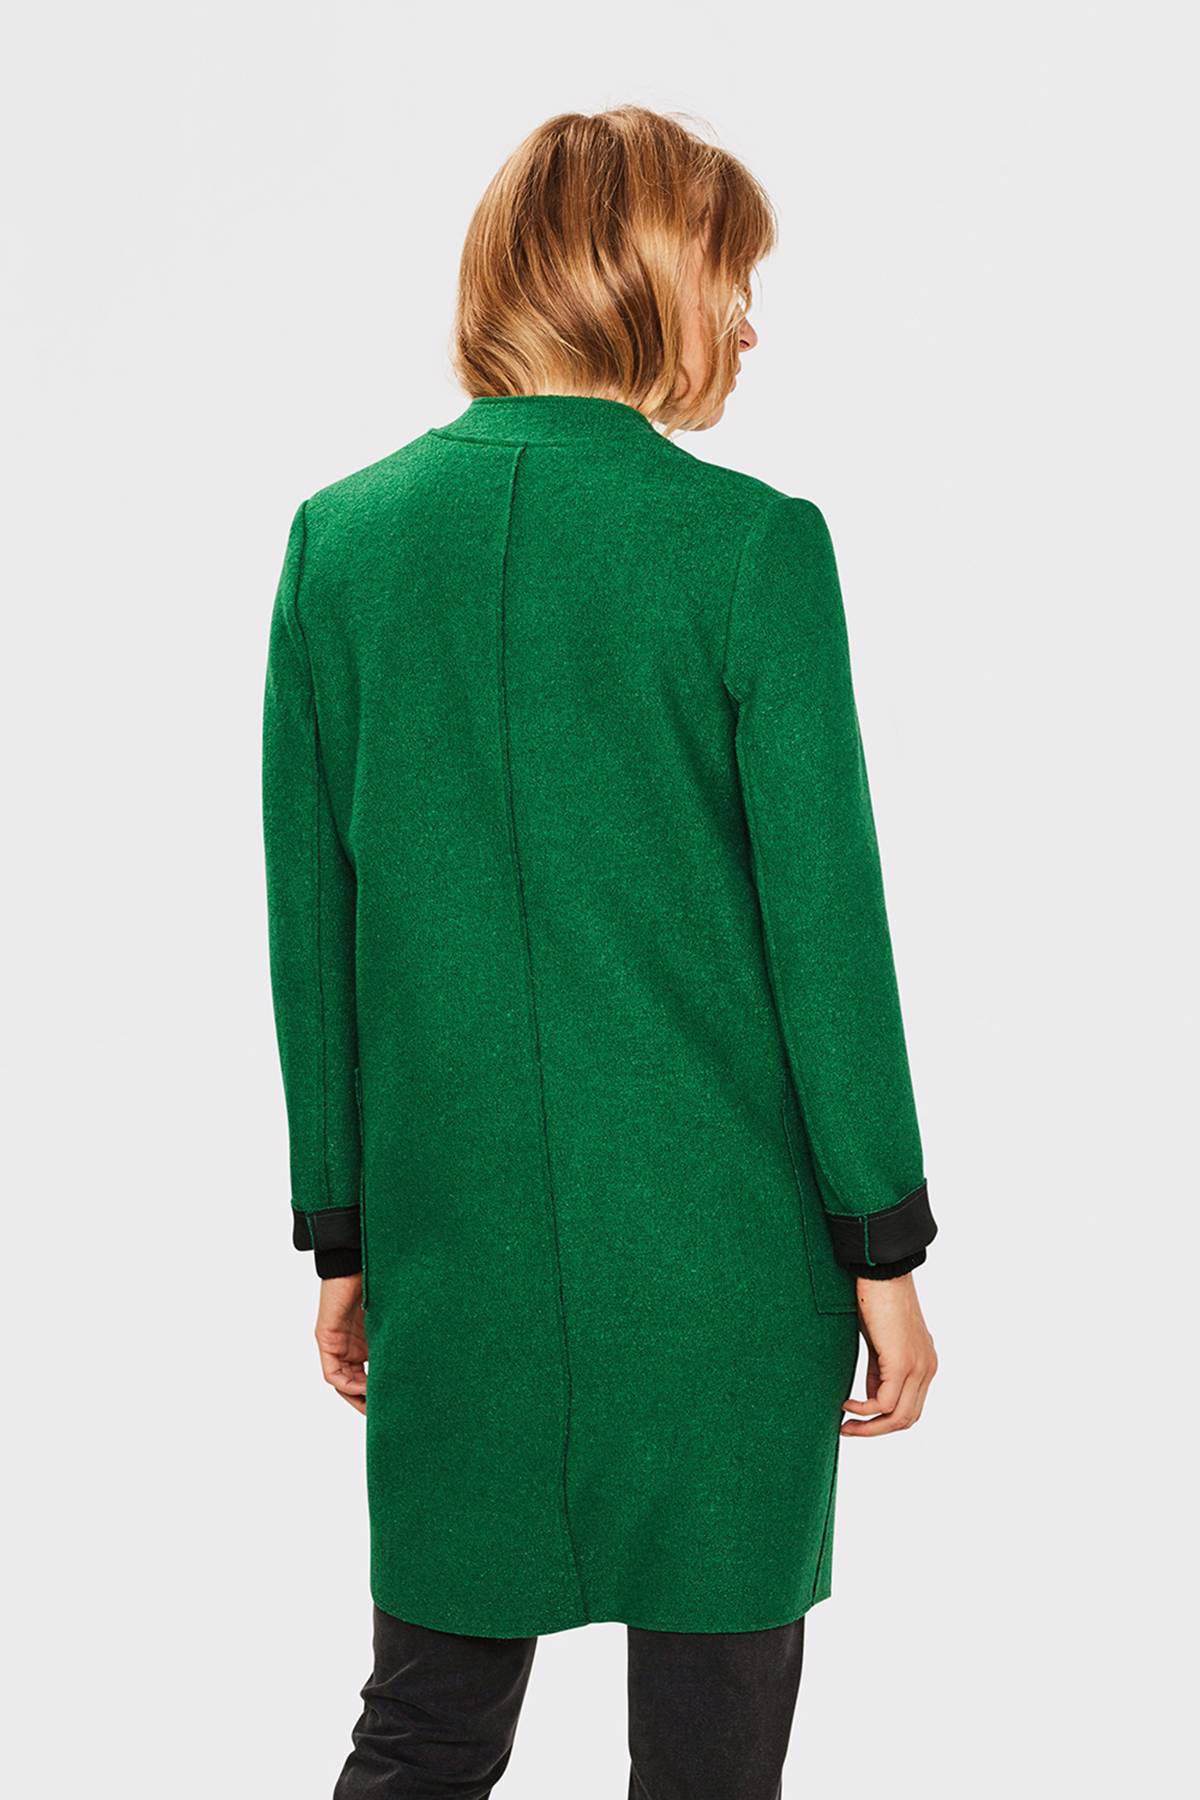 b5175052ed23ab we-fashion-lange-jas-met-wol-dames-groen-8719508100366.jpg